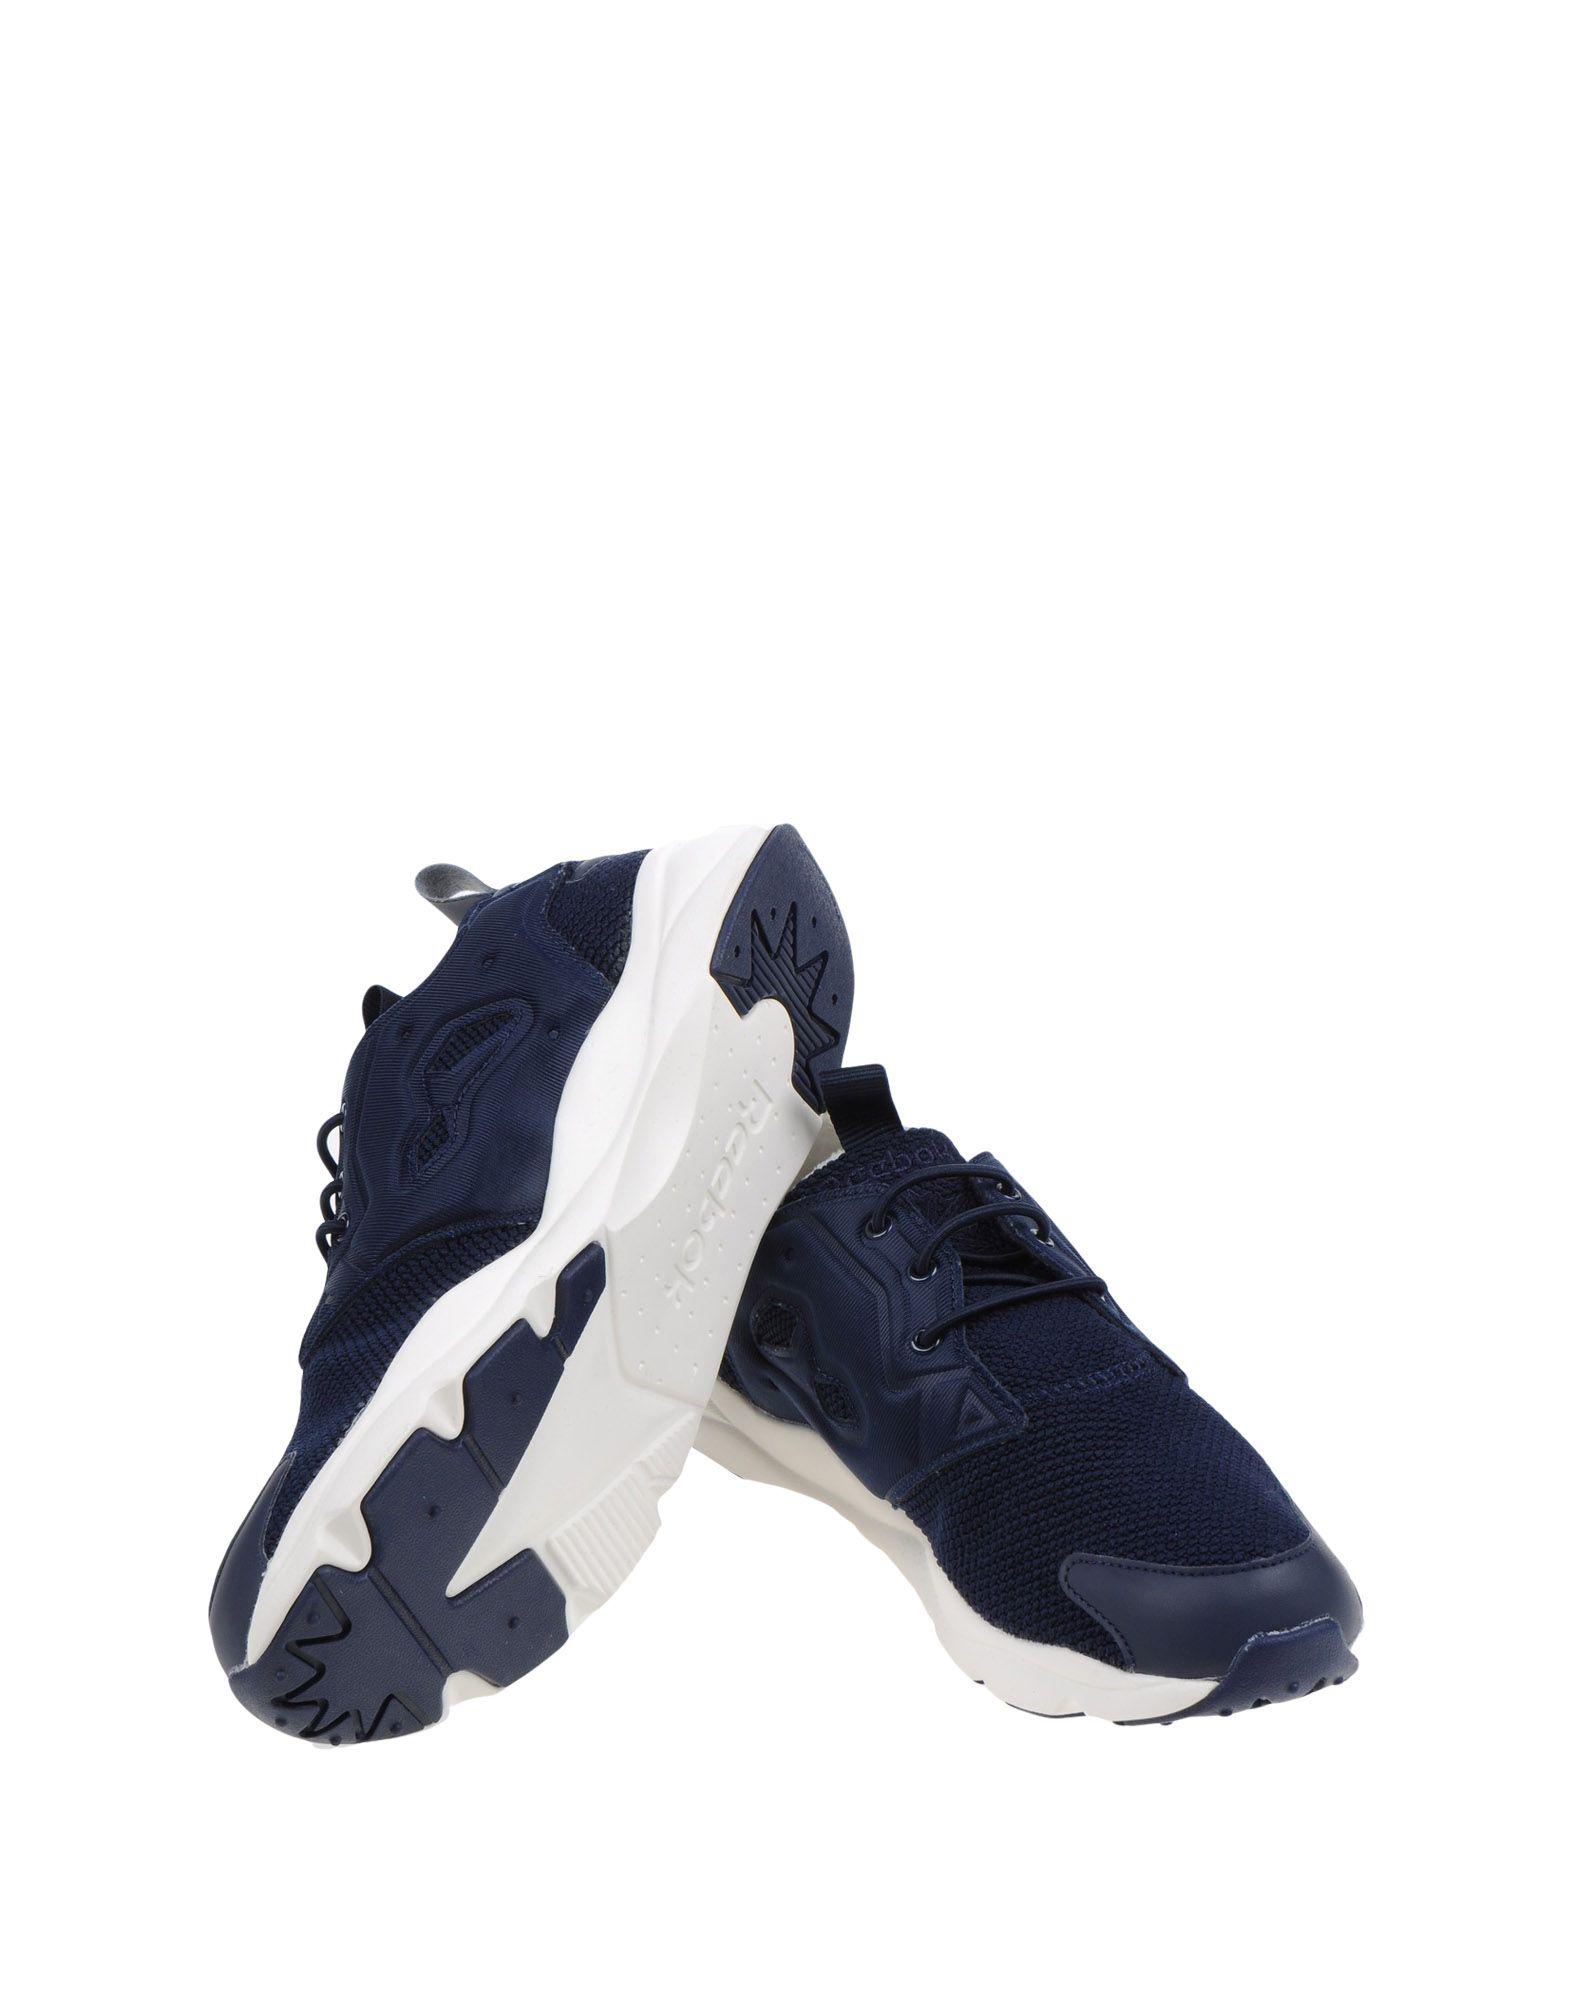 Sneakers Reebok Furylite Holiday - Femme - Sneakers Reebok sur